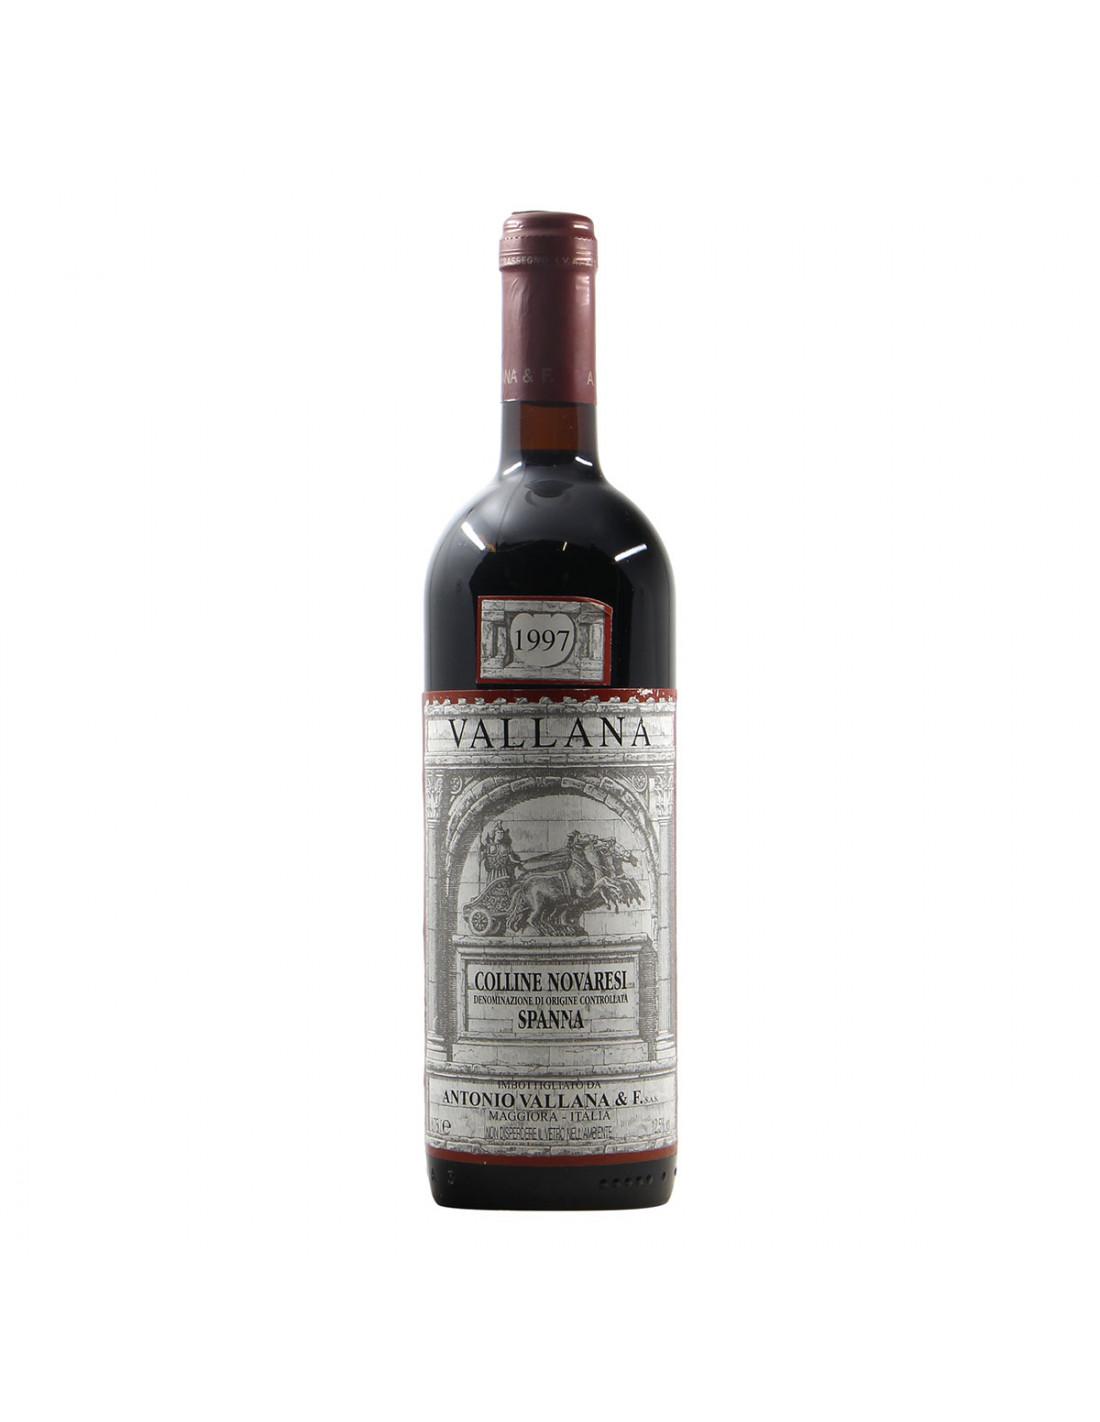 Antonio Vallana Spanna Colline Novaresi 1997 Grandi Bottiglie